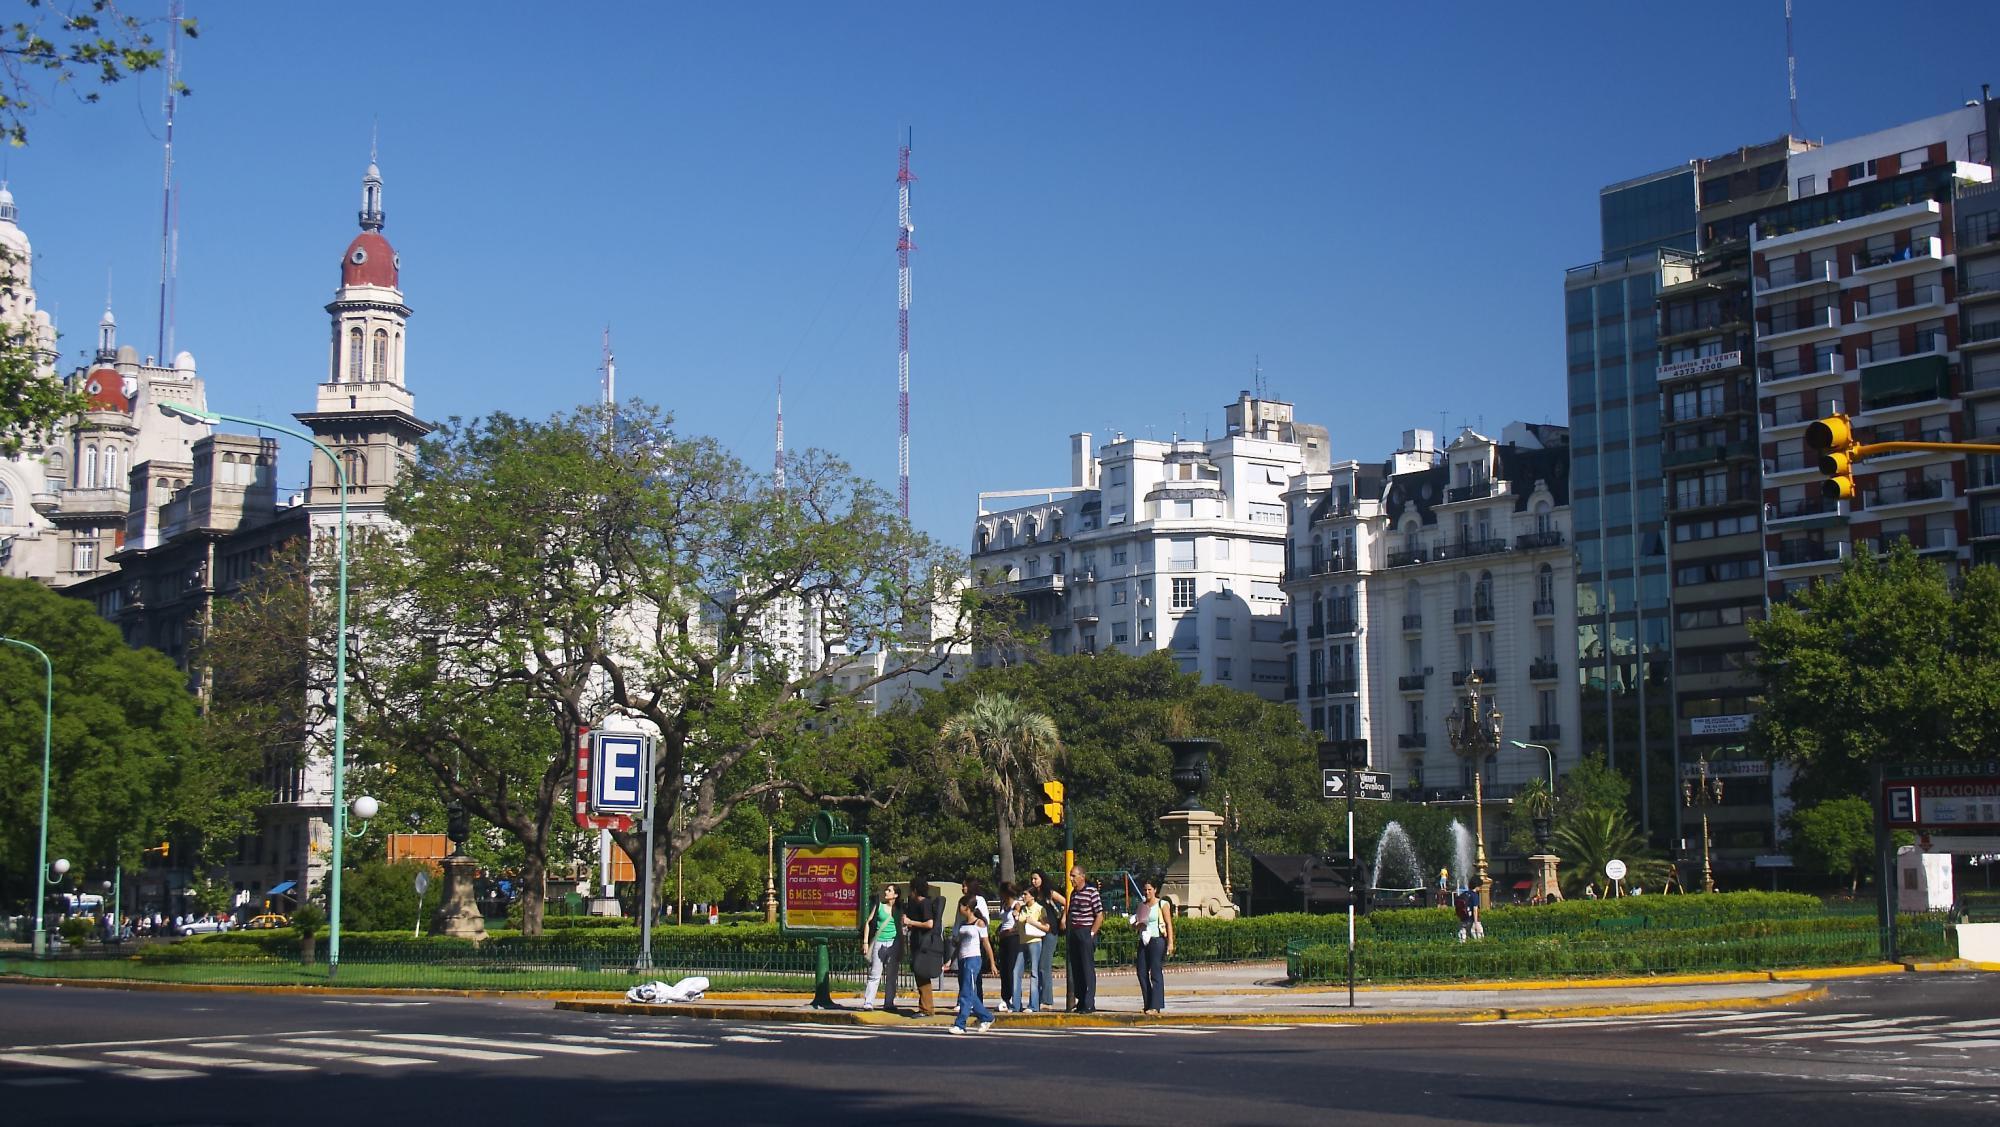 Las telecomunicaciones en Argentina crecieron por encima del 35% / Foto: Barcex